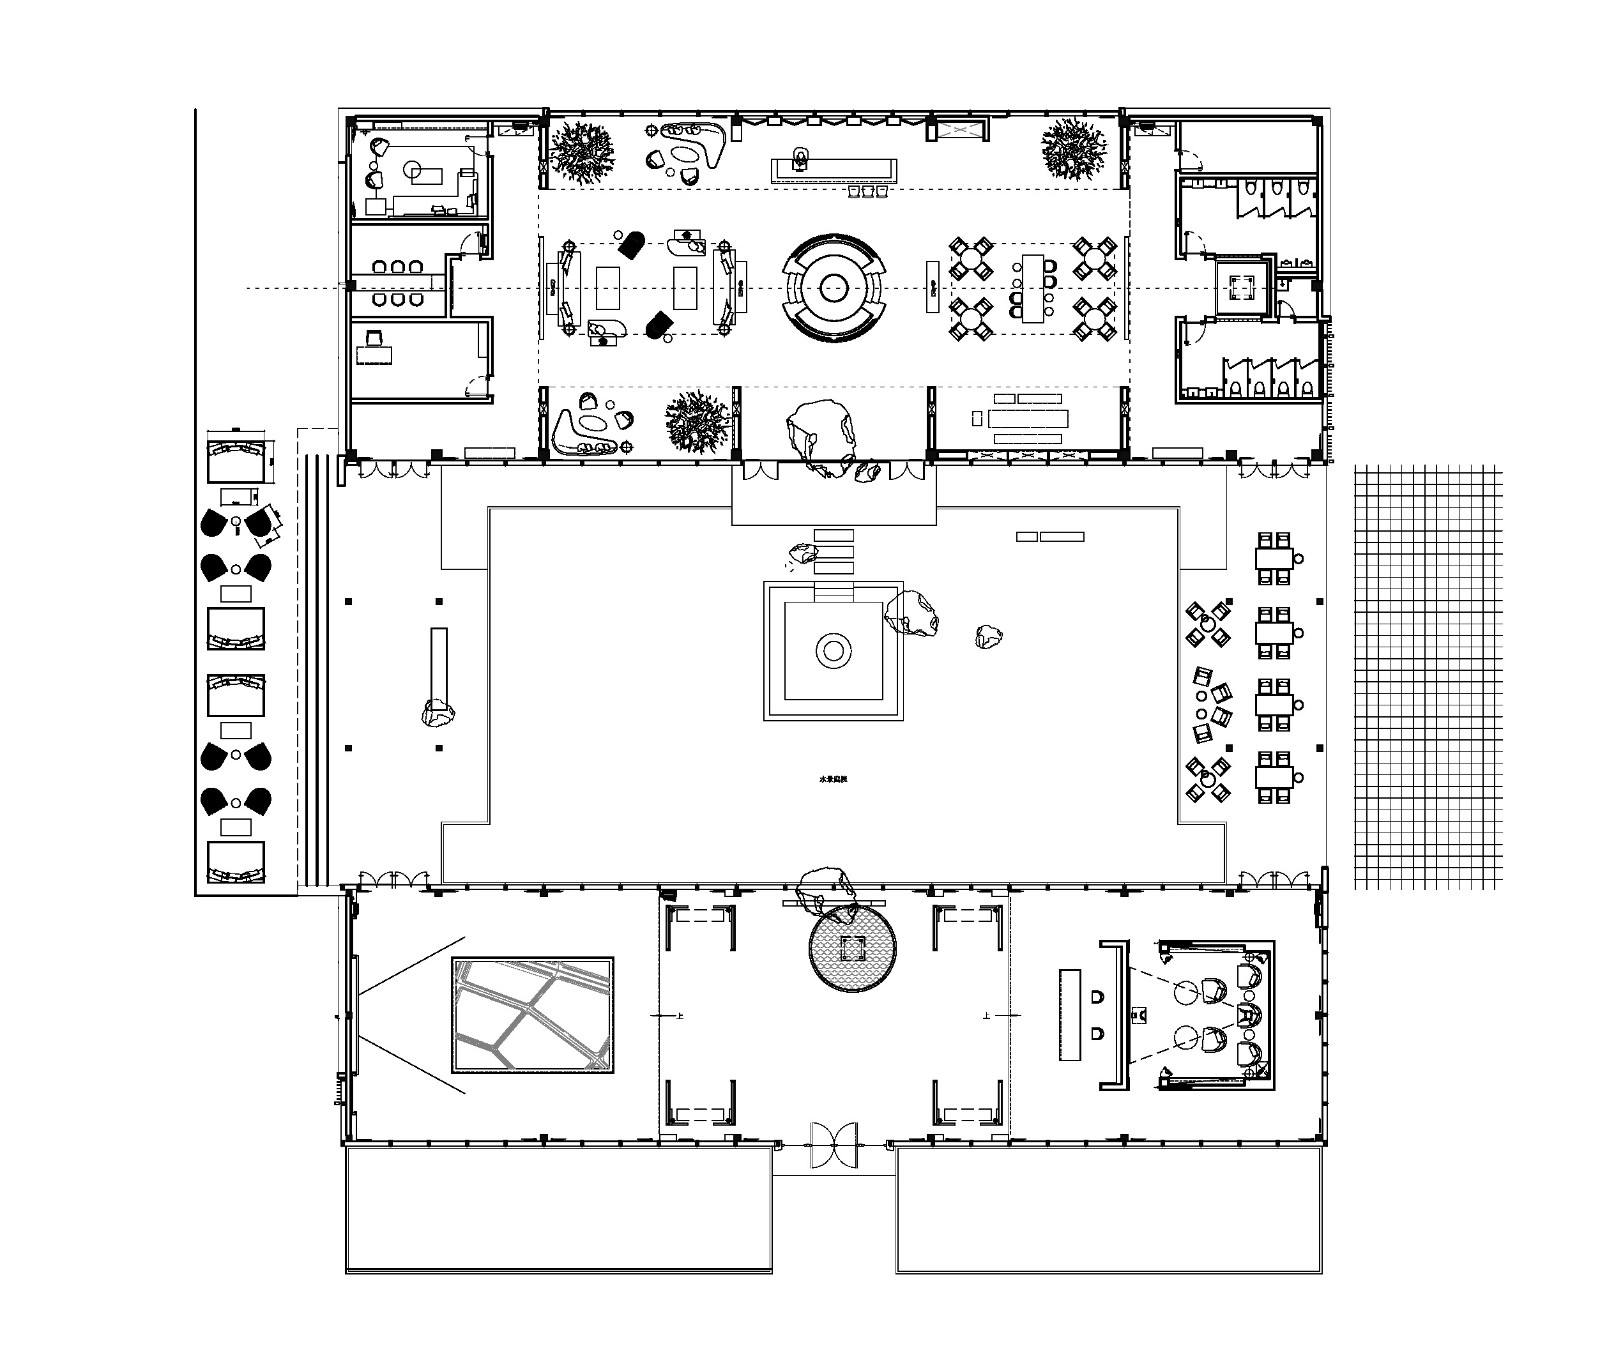 02-售楼处平立面图(长廊平面布置) 布局1 (1).jpg